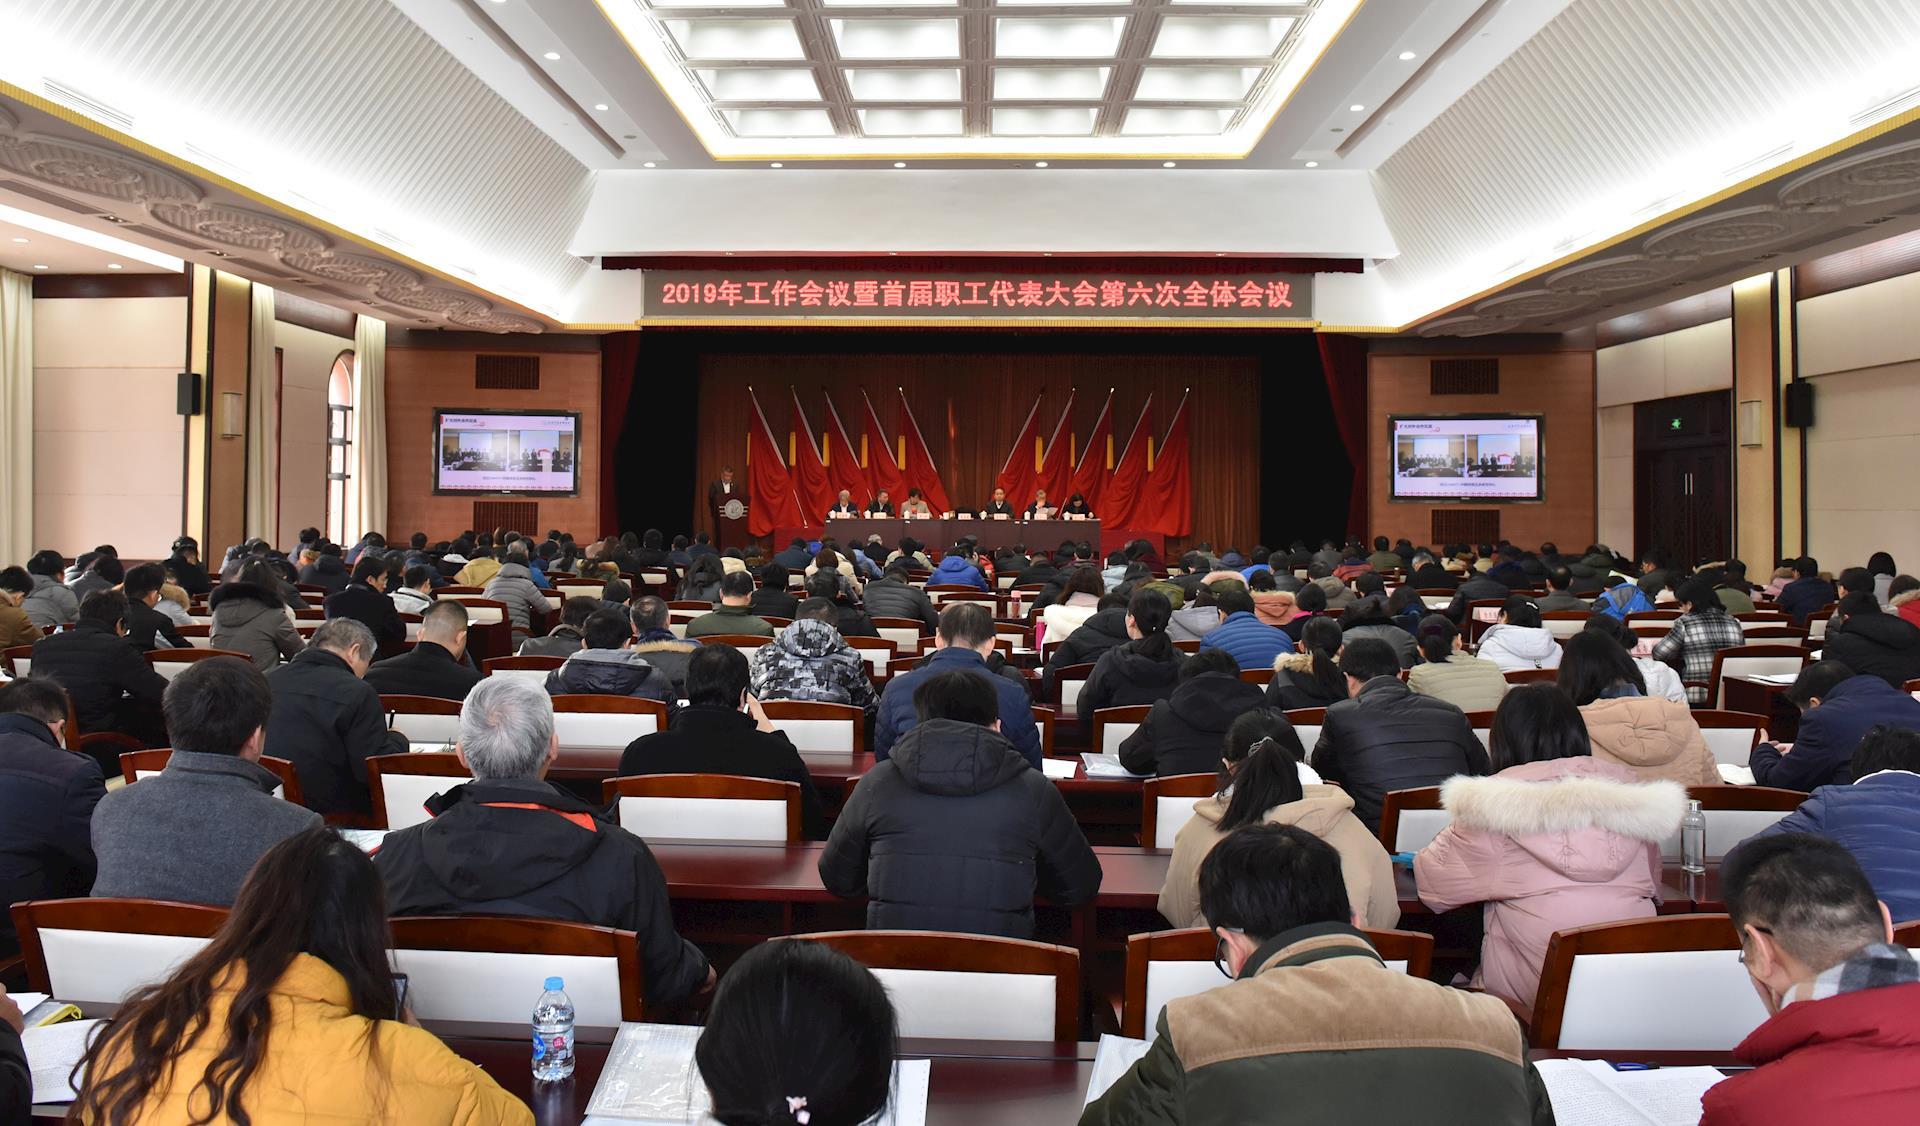 我院召开2019年工作会议暨首届职工代表大会第六次全体会议